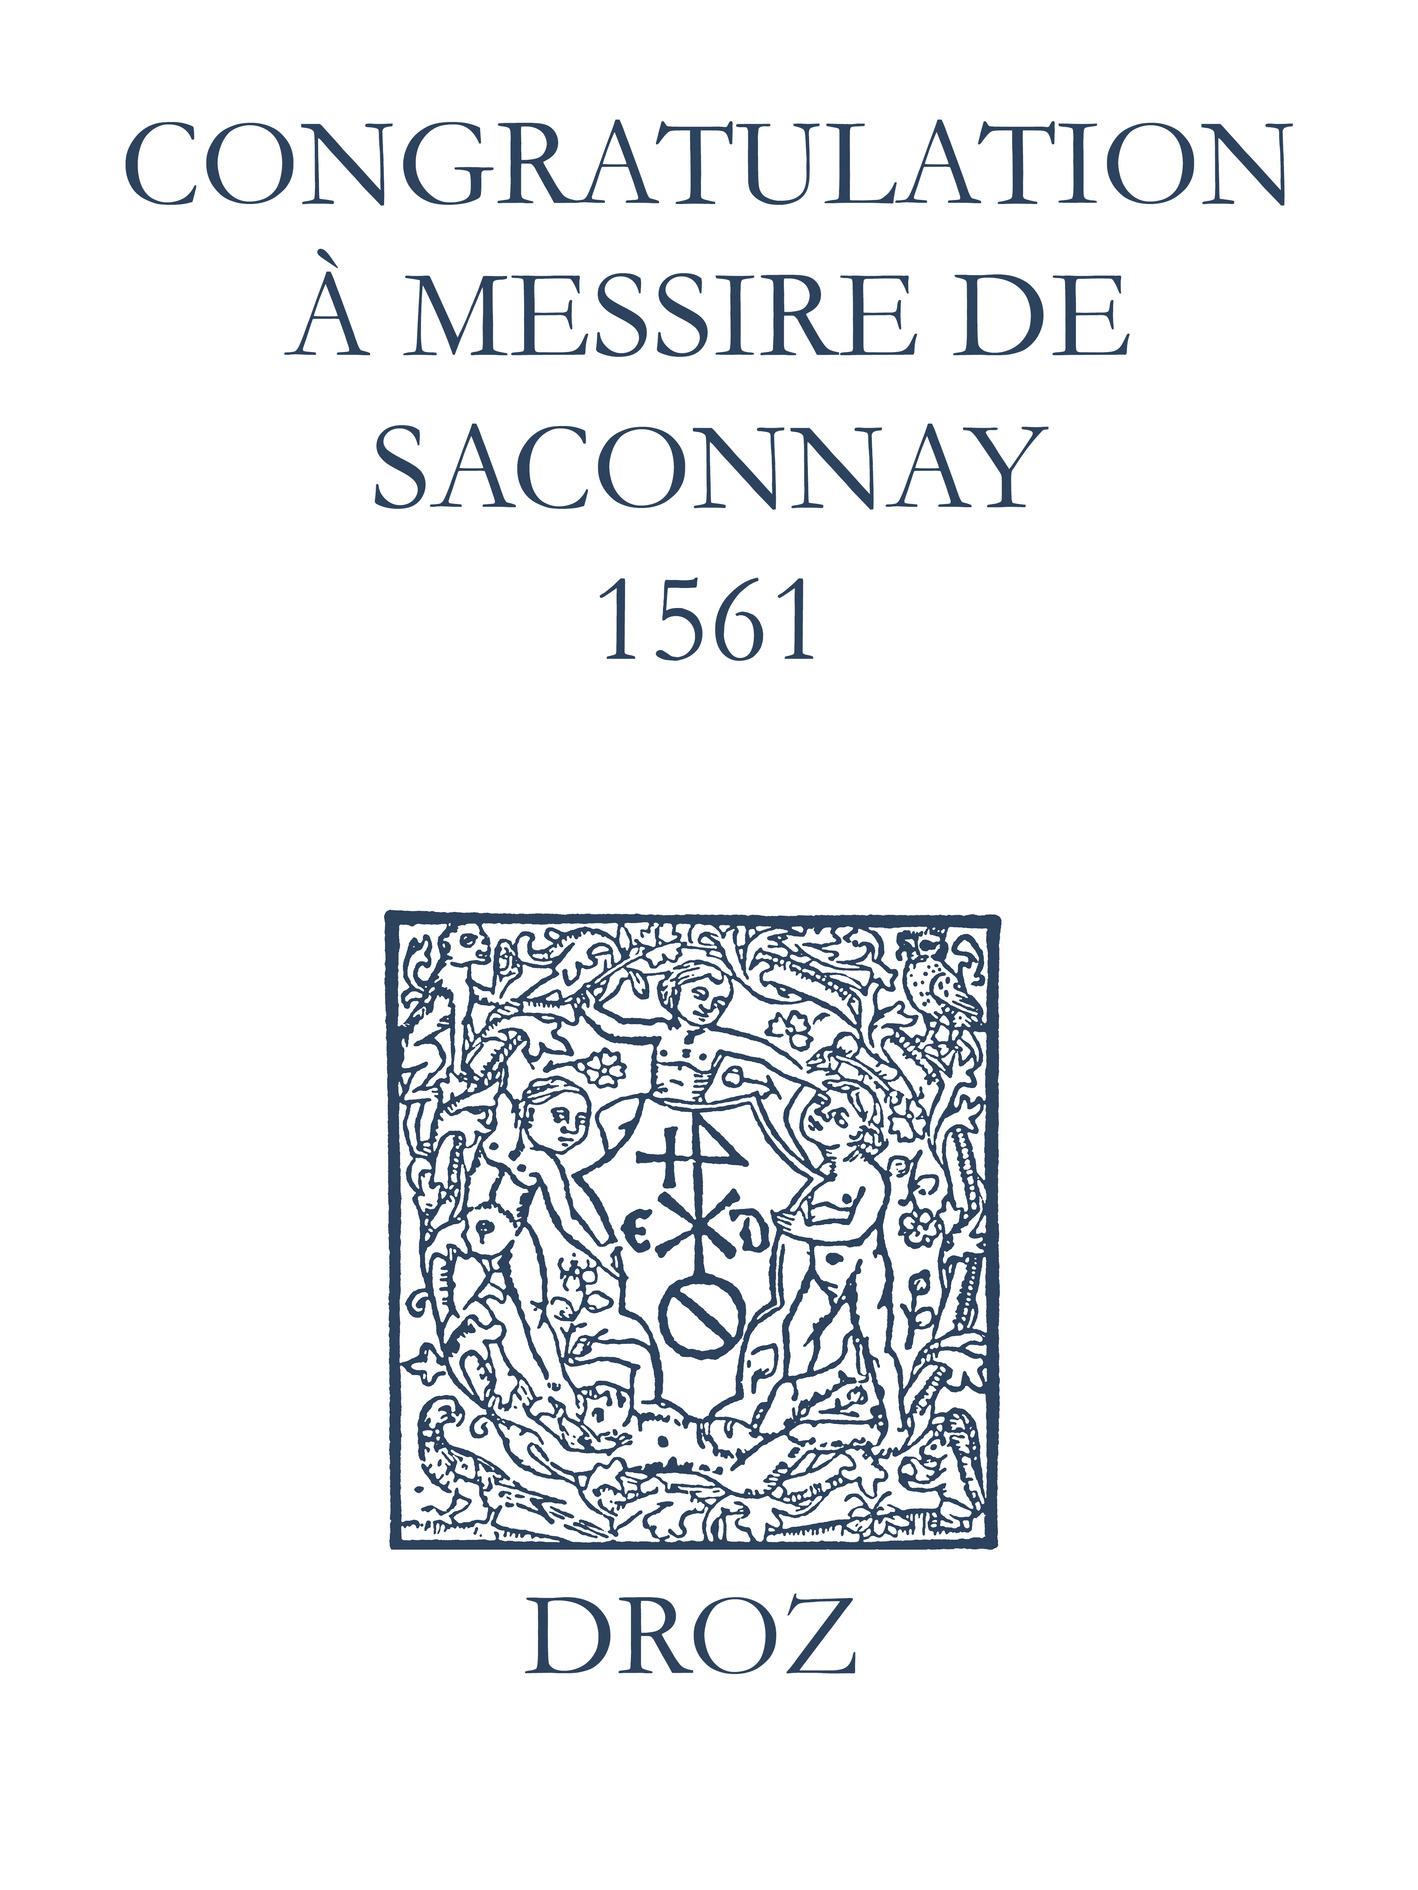 Recueil des opuscules 1566. Congratulation à Messire de Saconnay (1561)  - Laurence Vial-Bergon